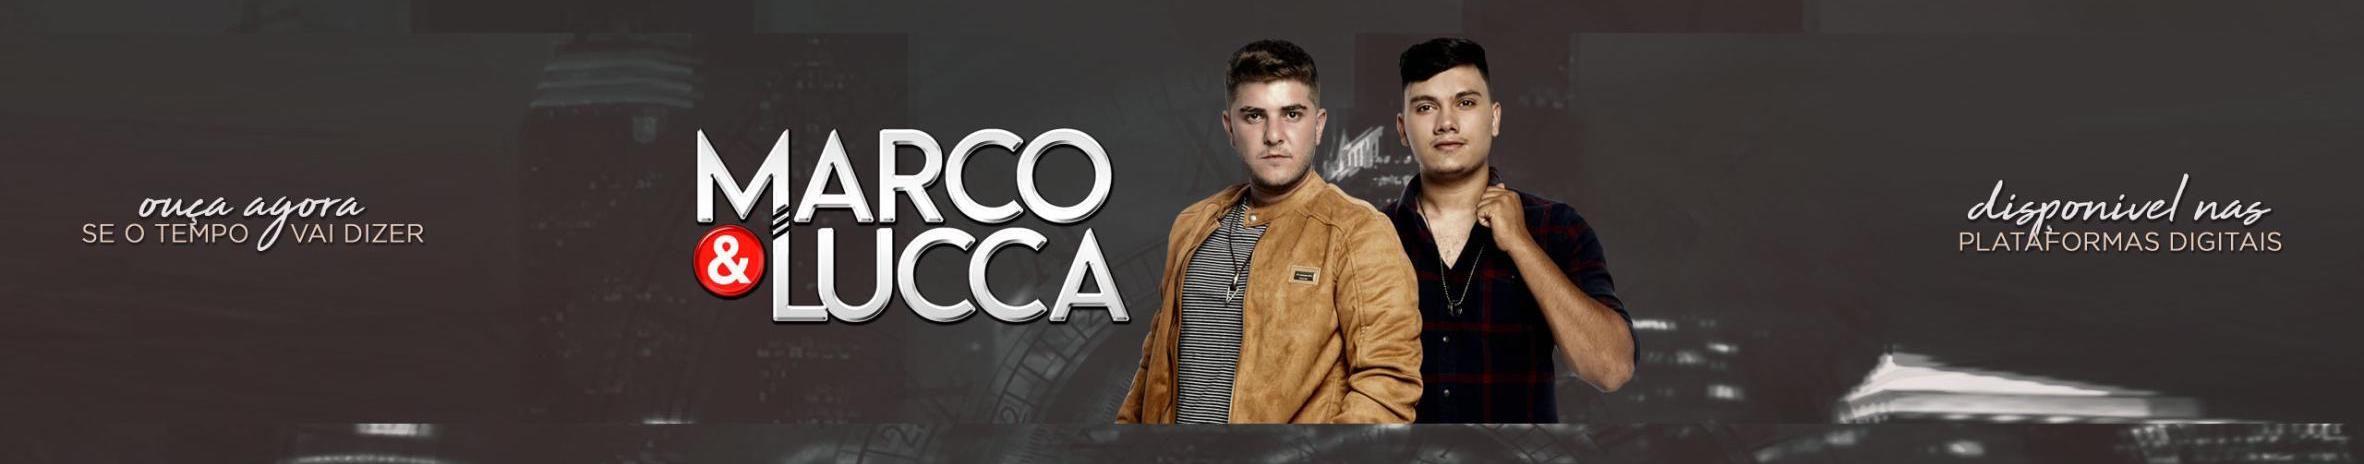 Imagem de capa de Marco e Lucca